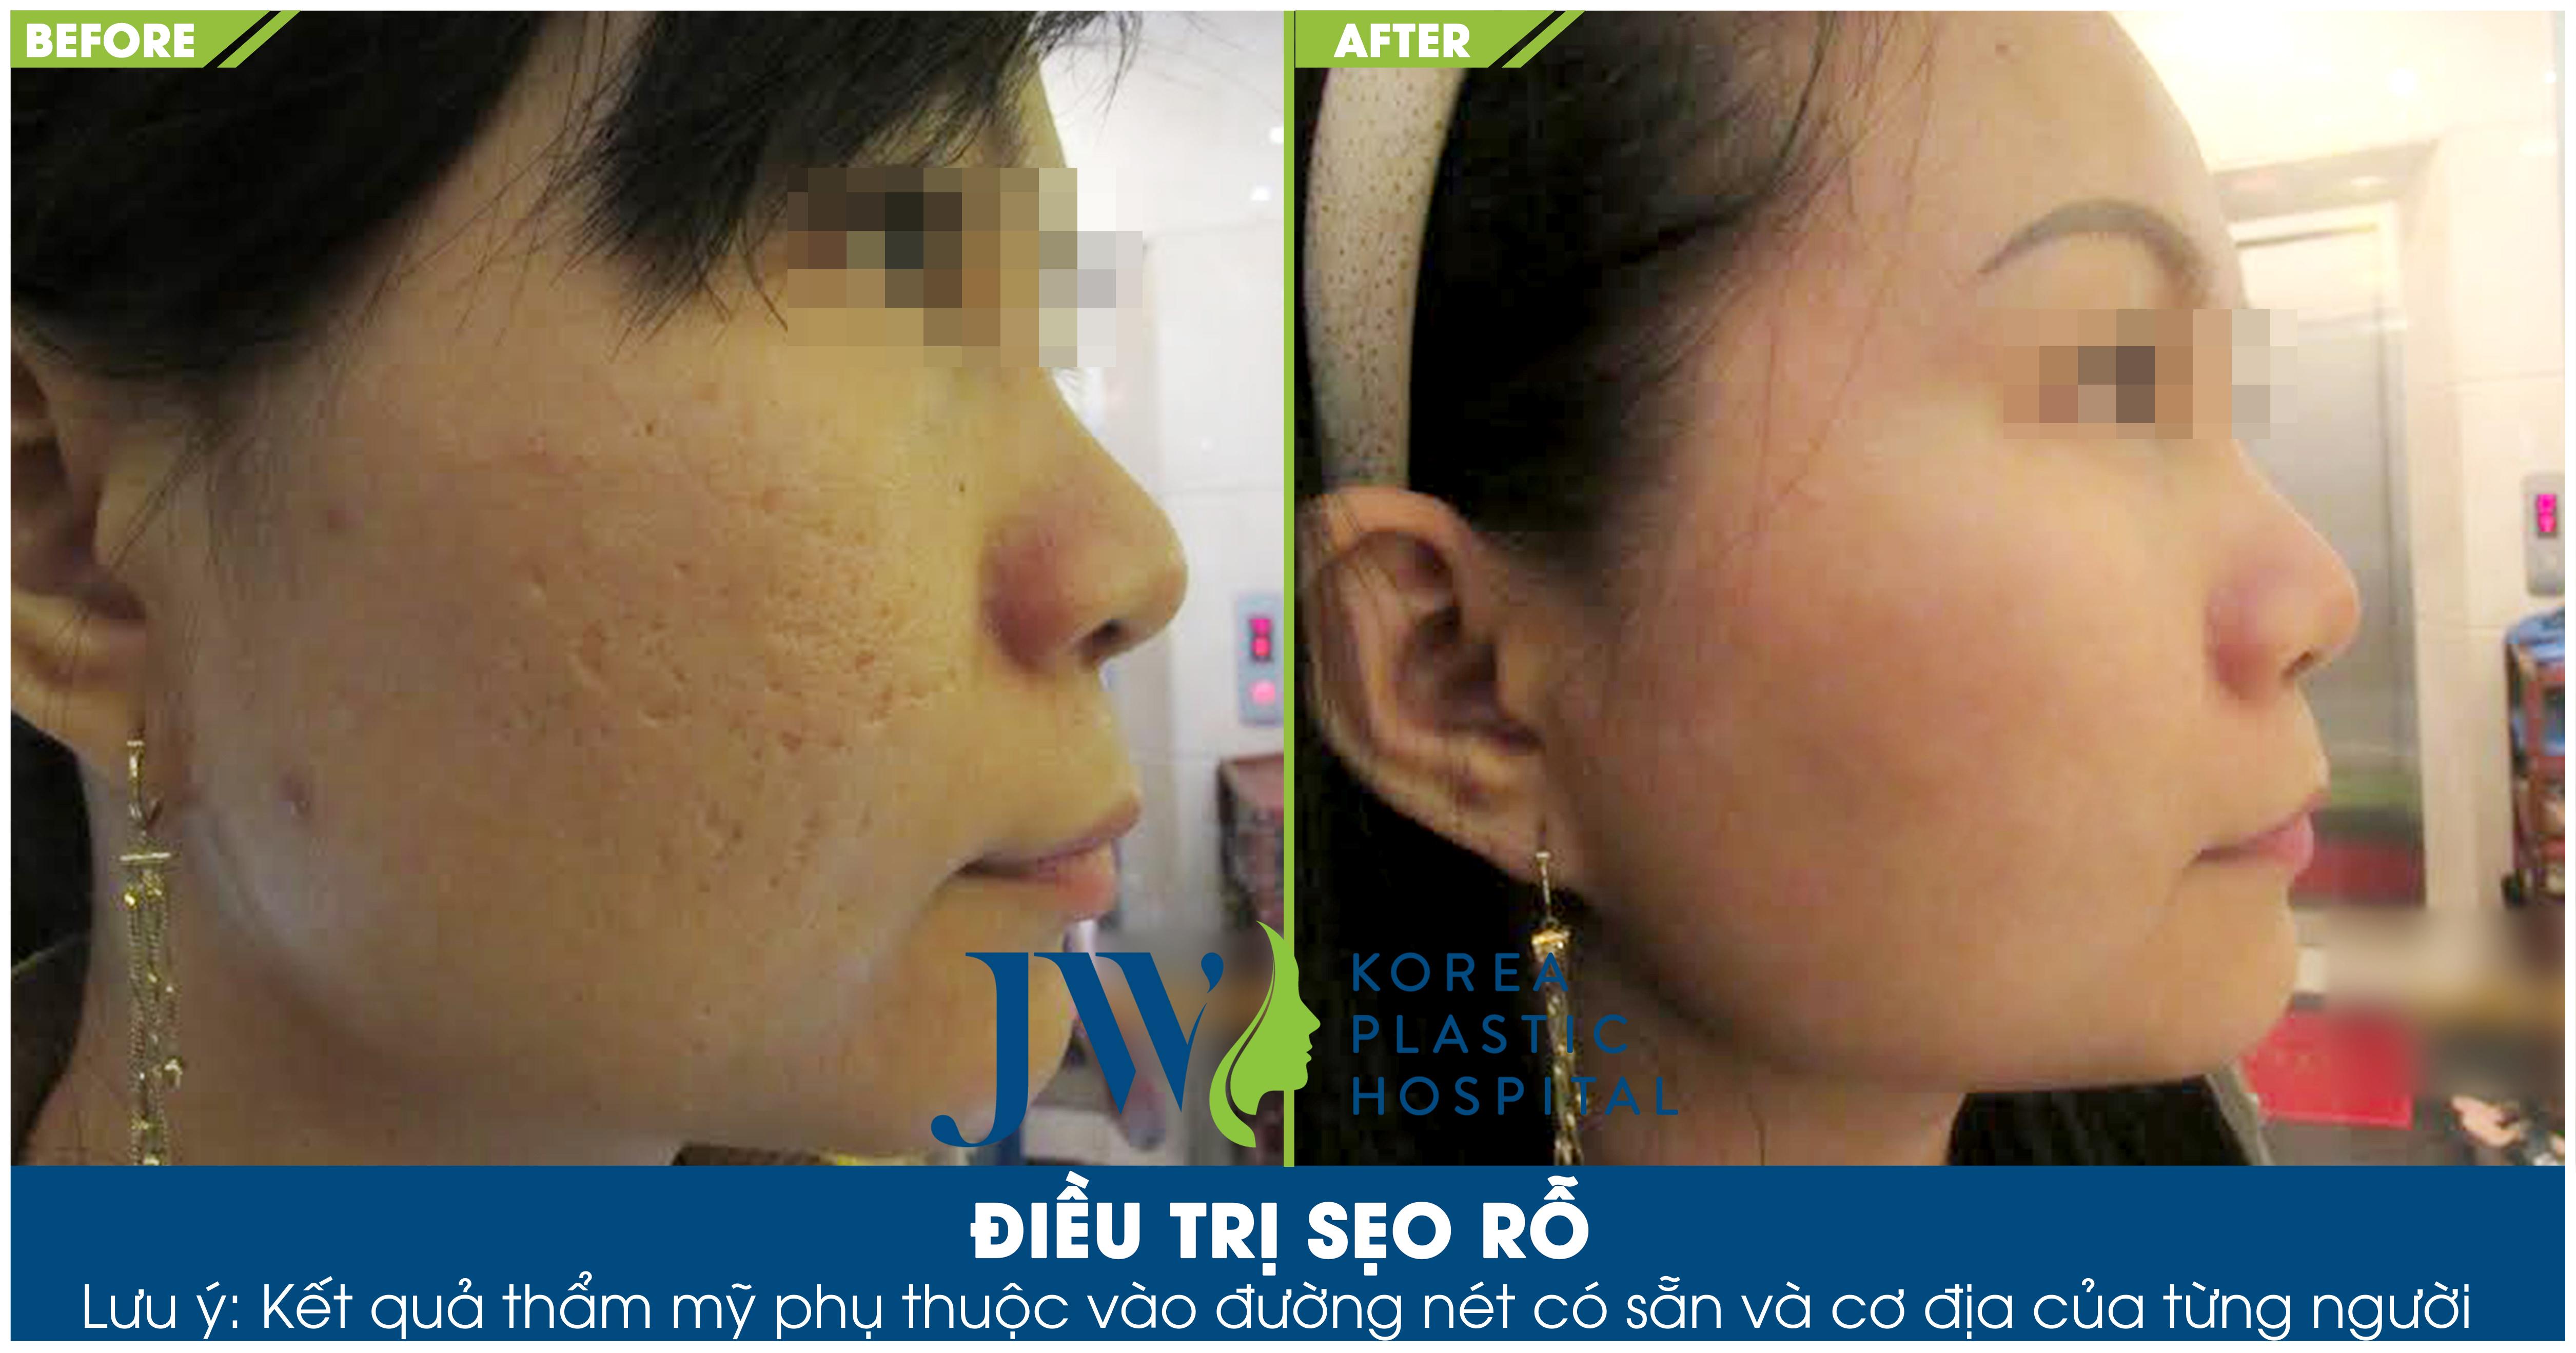 Hình ảnh khách hàng trước và sau khi trị sẹo rỗ